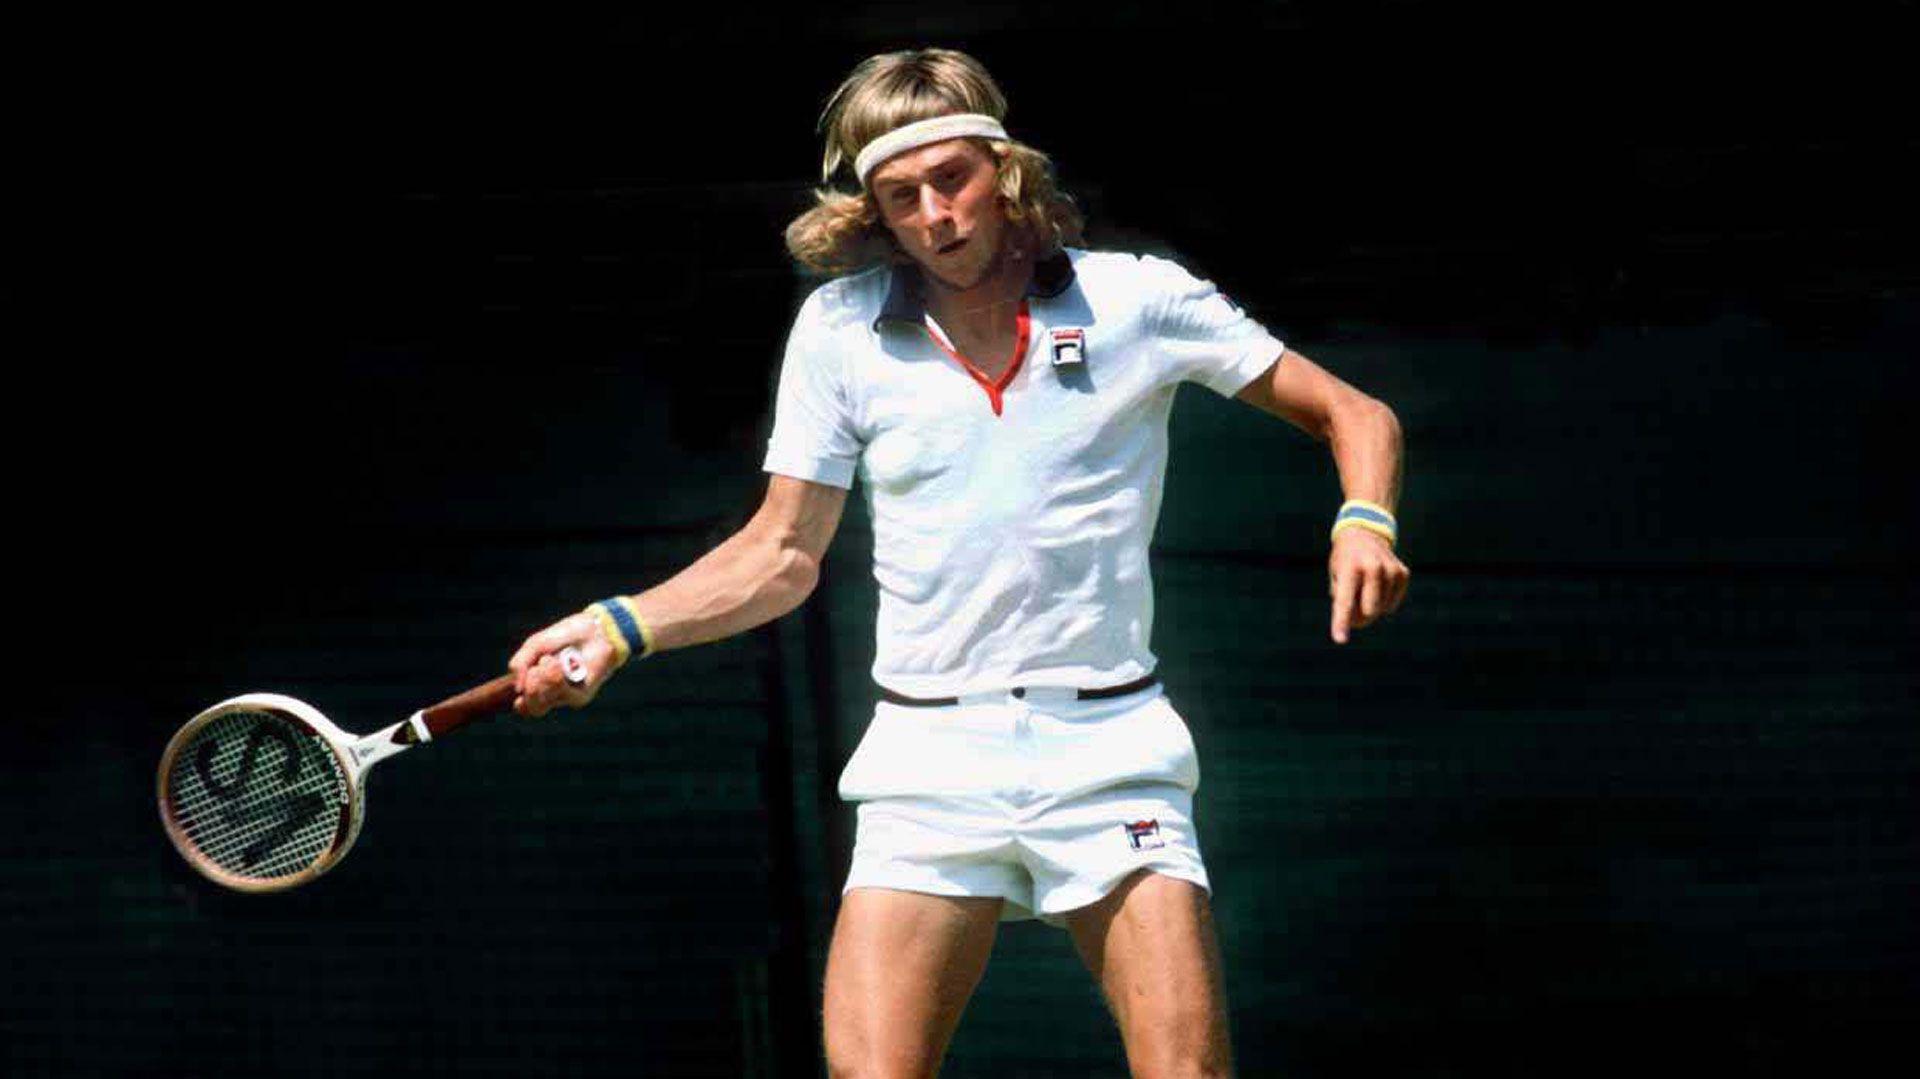 El sueco Björn Borg es una de las grandes leyendas del tenis: fue número uno del mundo y ganó 11 títulos de Grand Slam